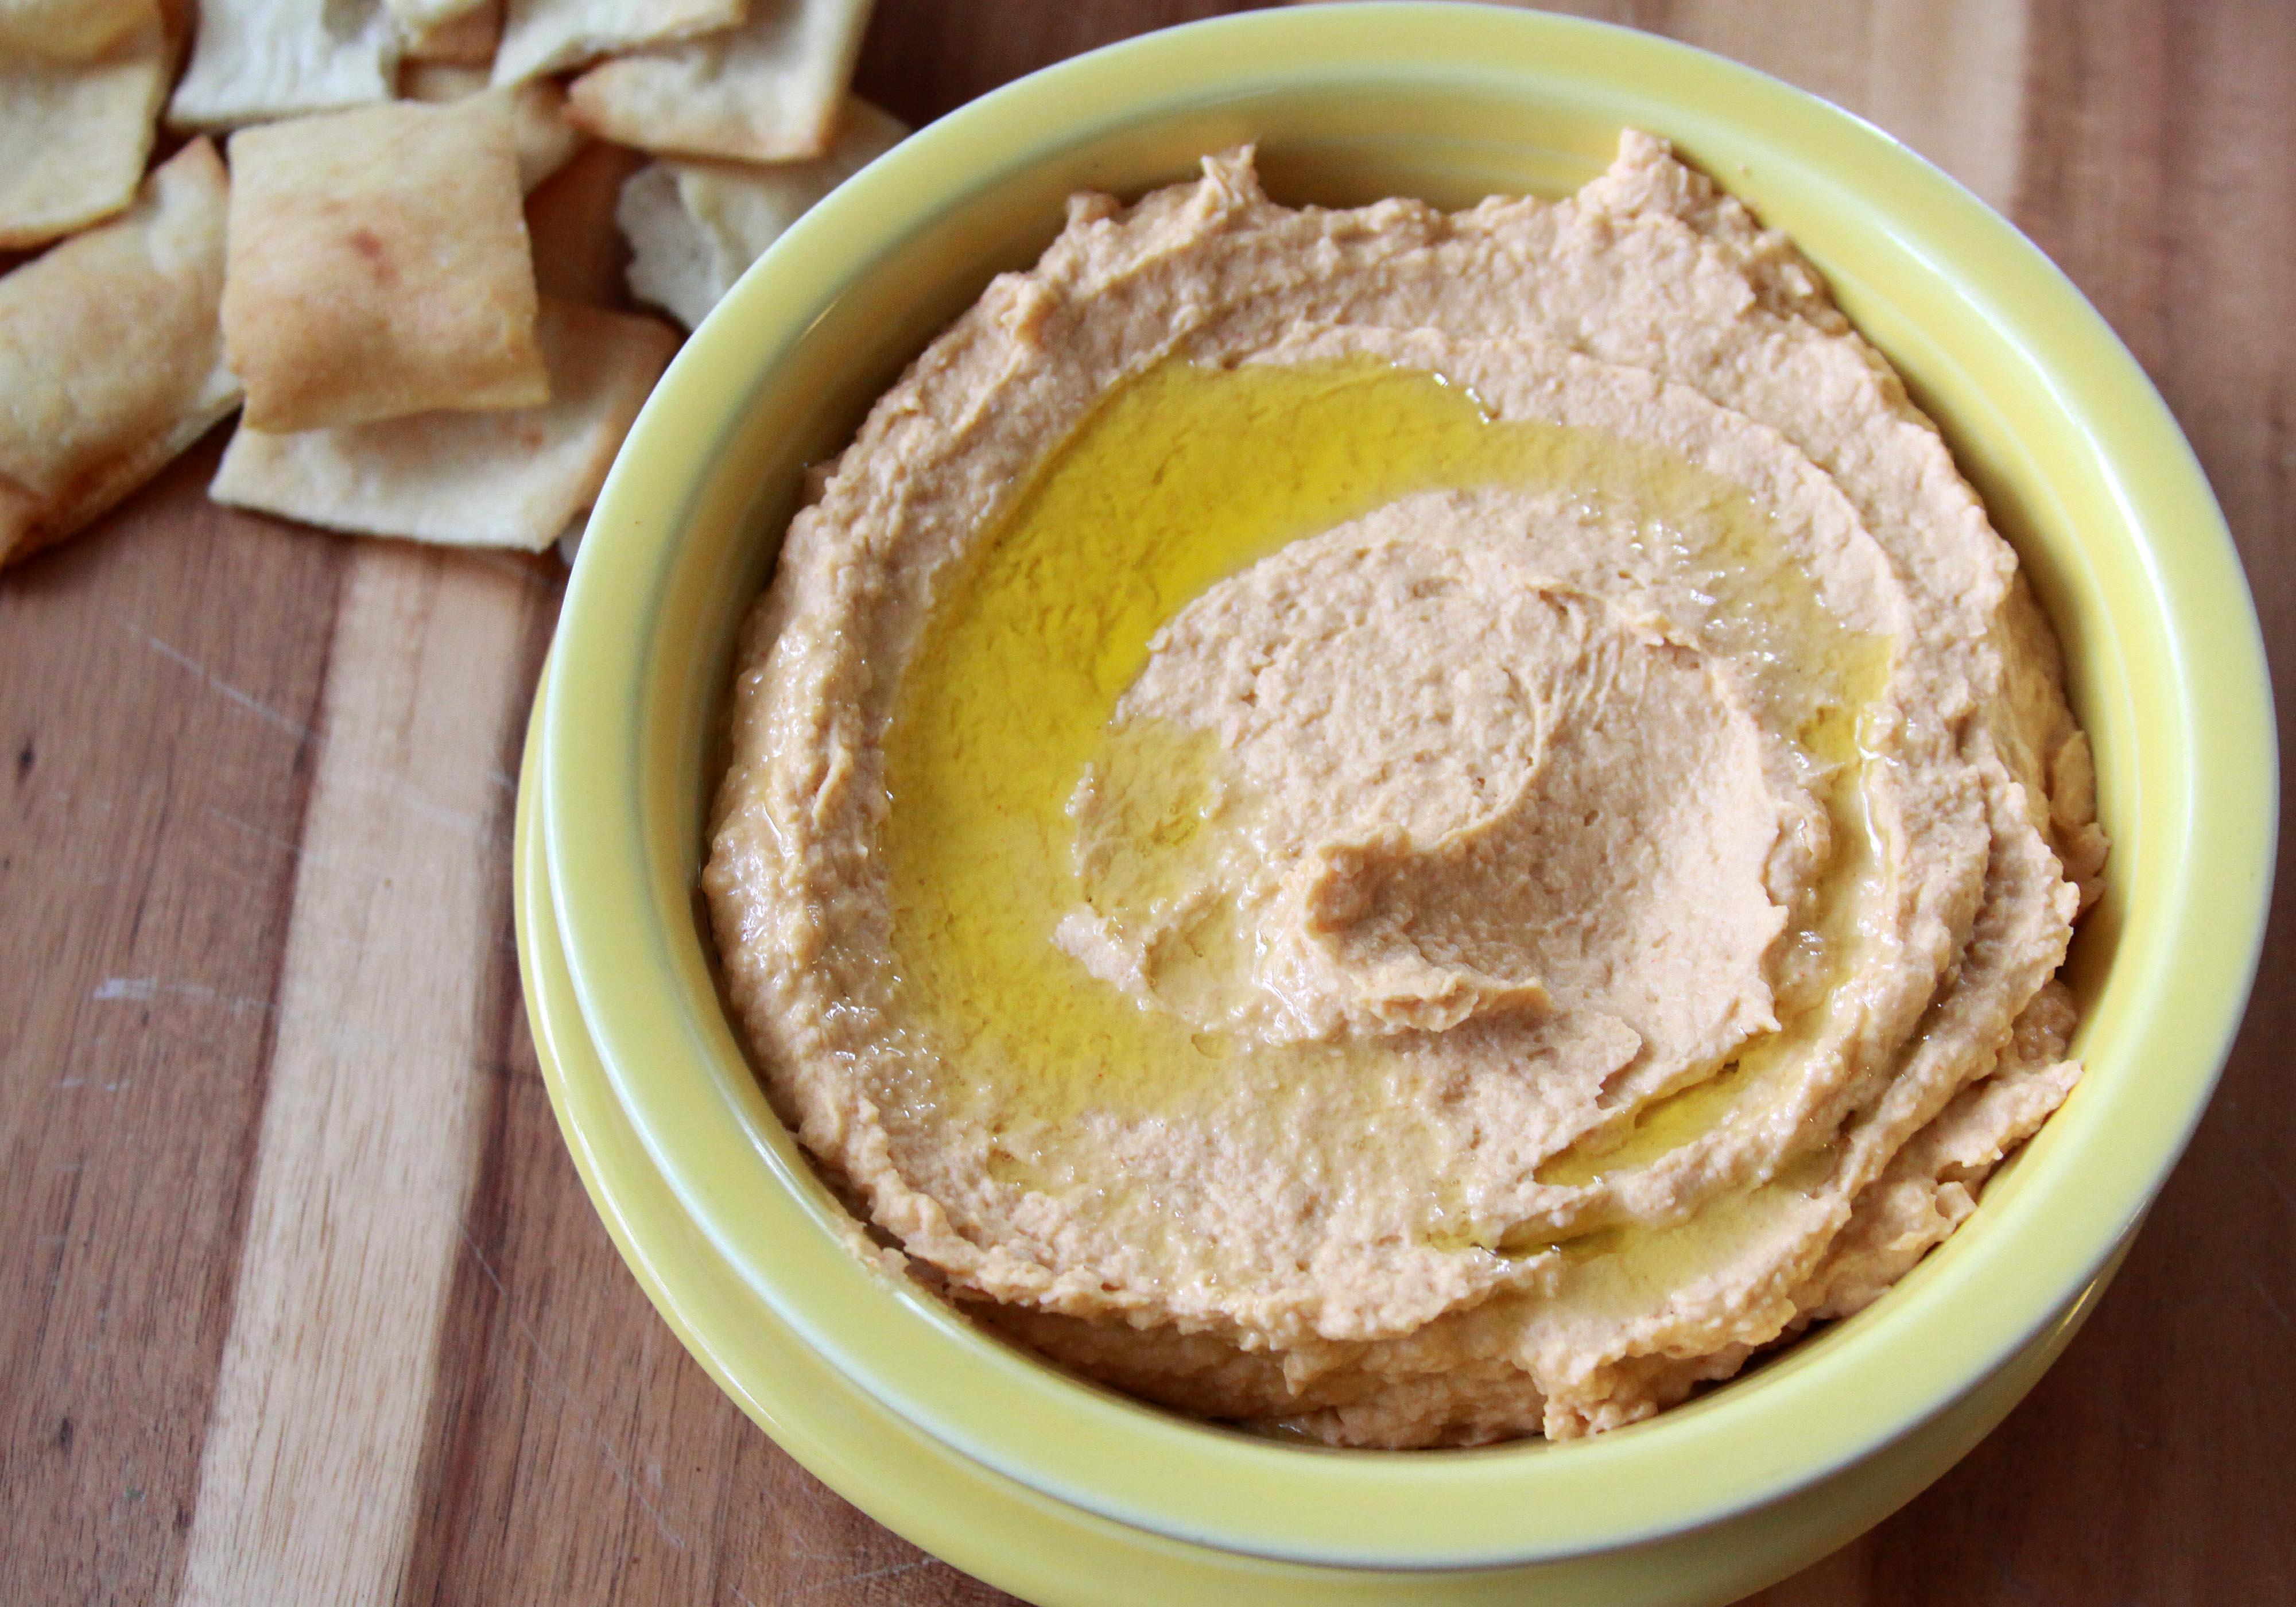 Making Hummus at Home - Espresso and CreamEspresso and Cream